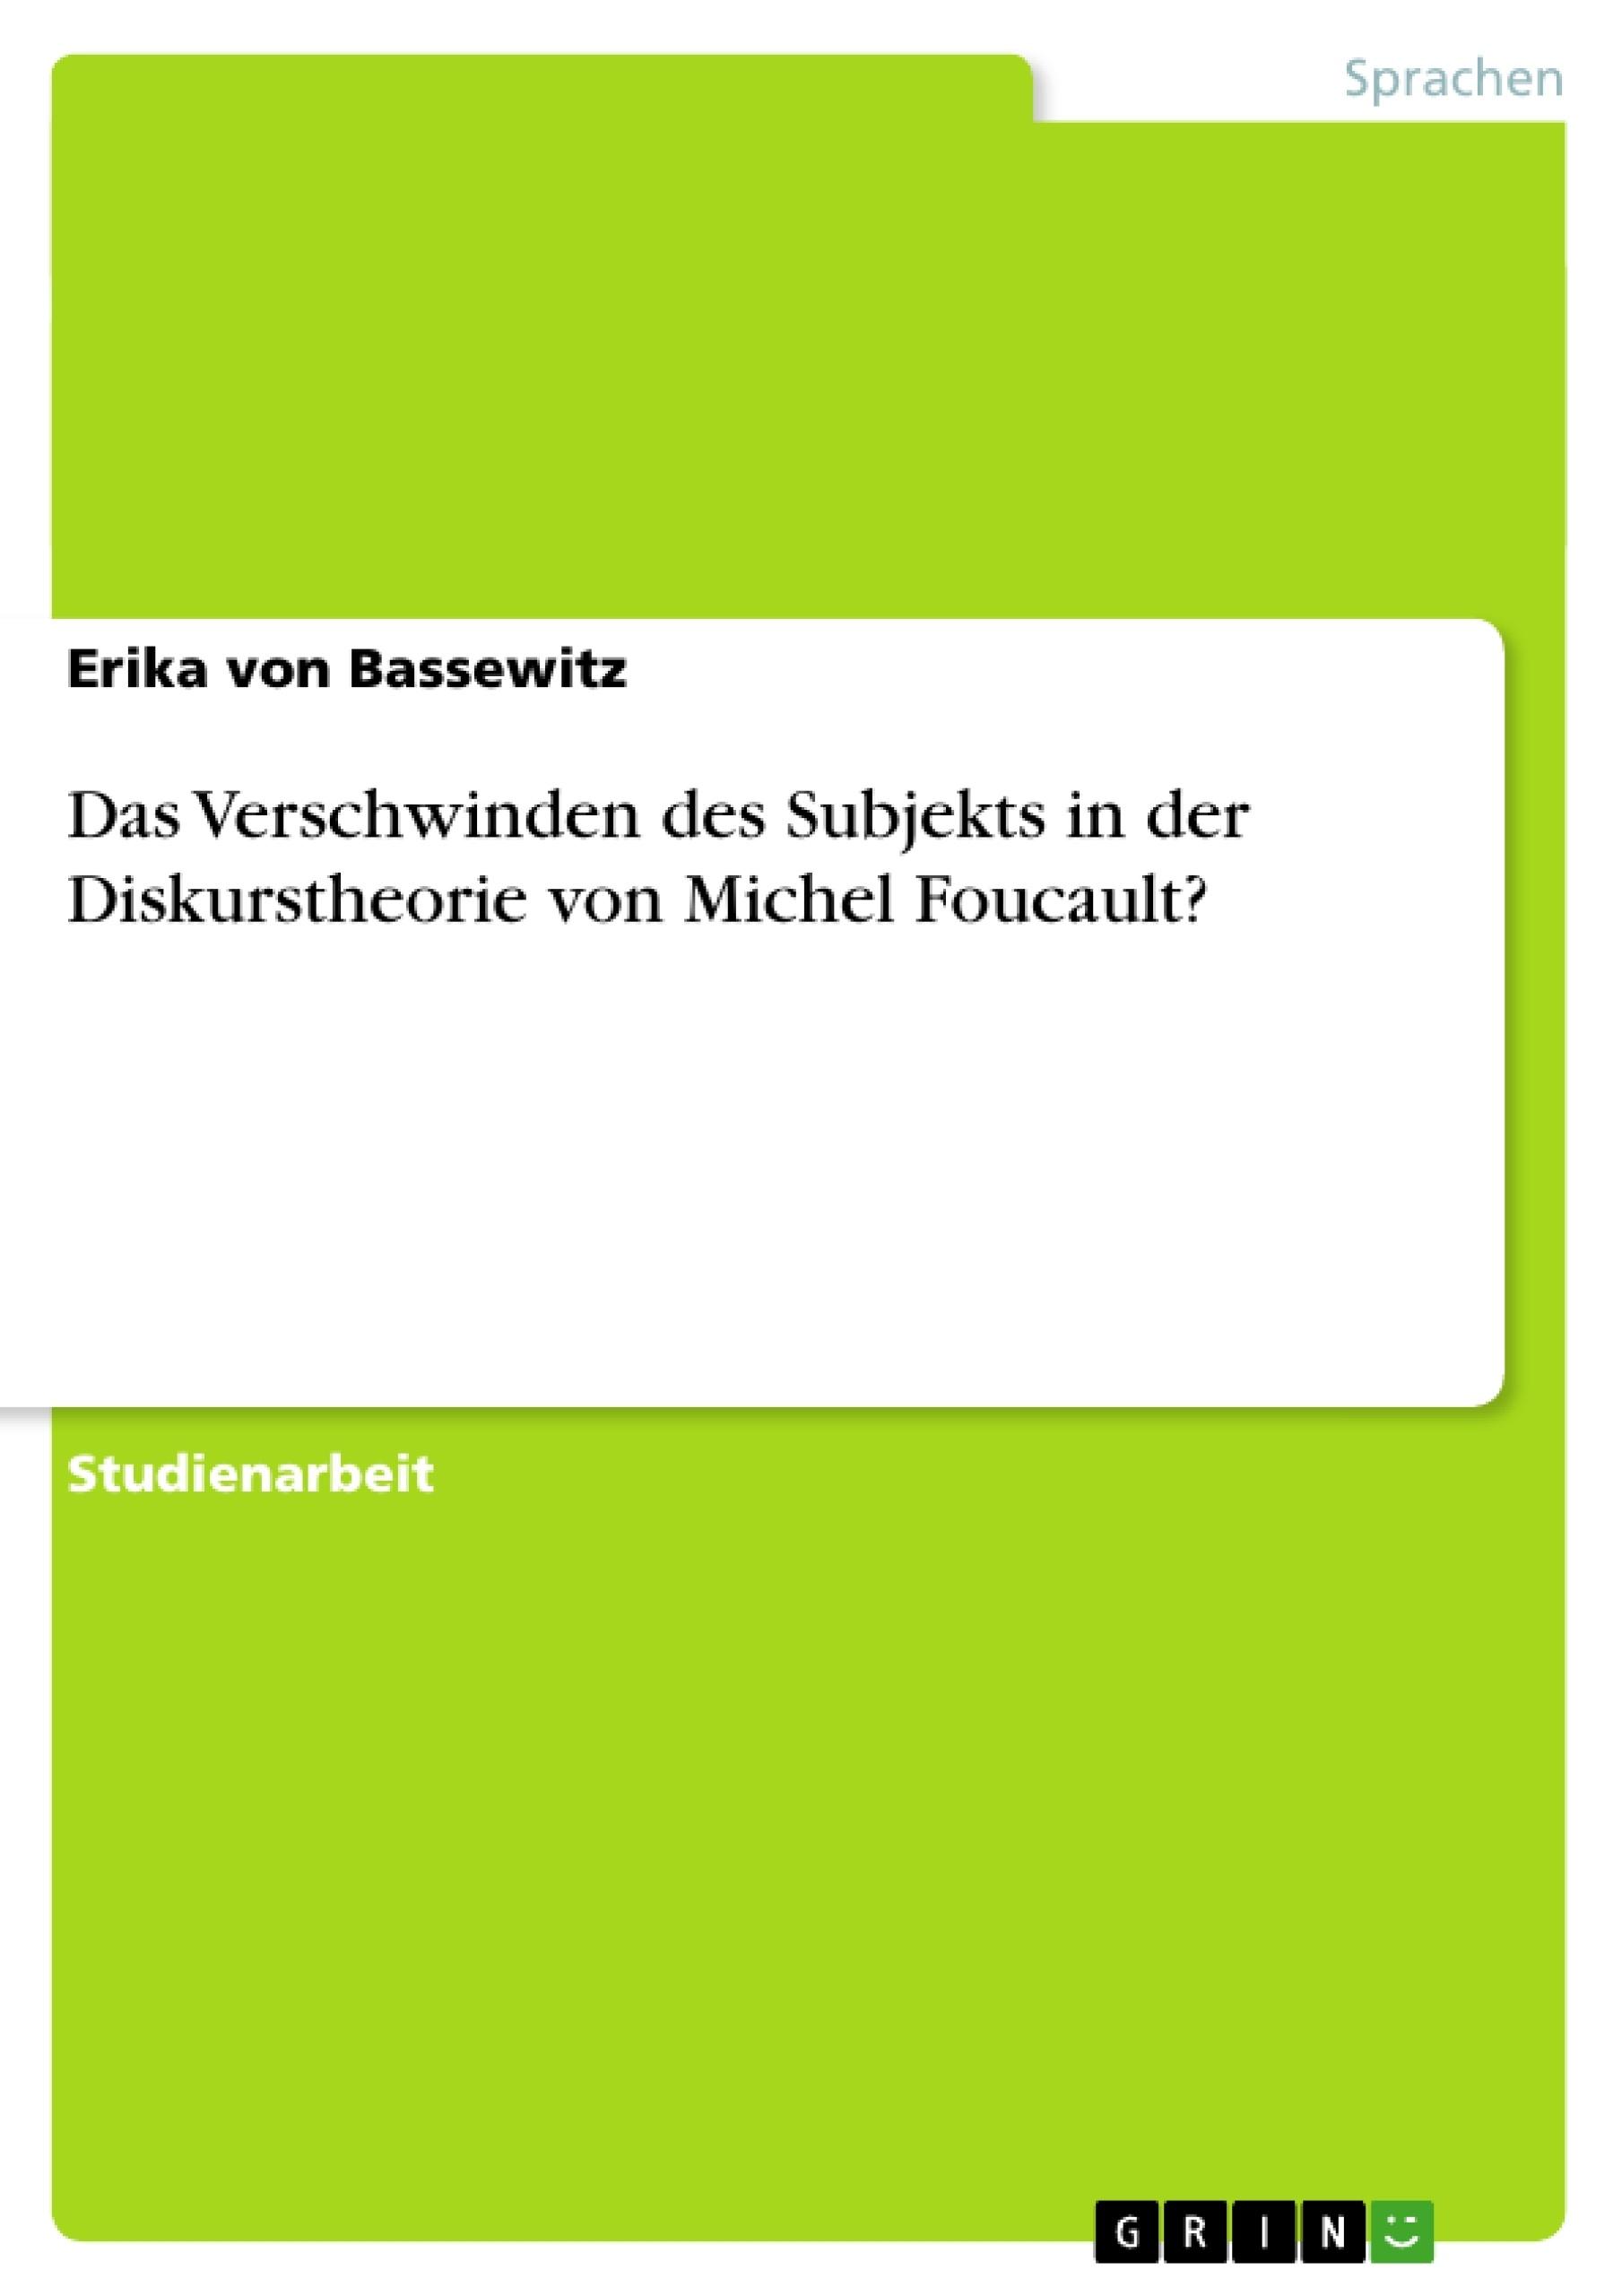 Titel: Das Verschwinden des Subjekts in der Diskurstheorie von Michel Foucault?